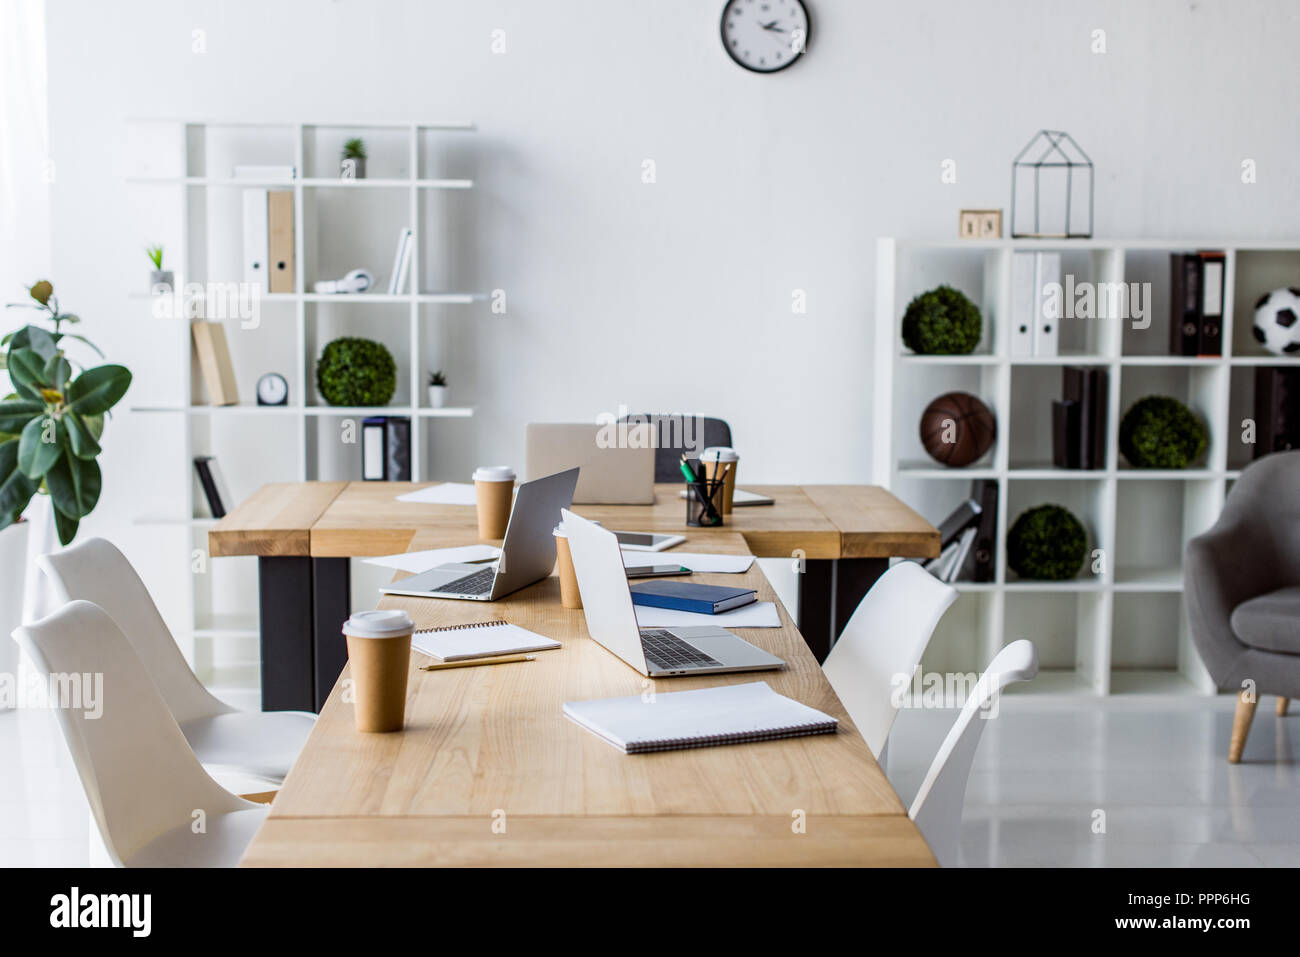 Innenraum Des Modernen Business Office Notebook Mit Tisch Stühlen